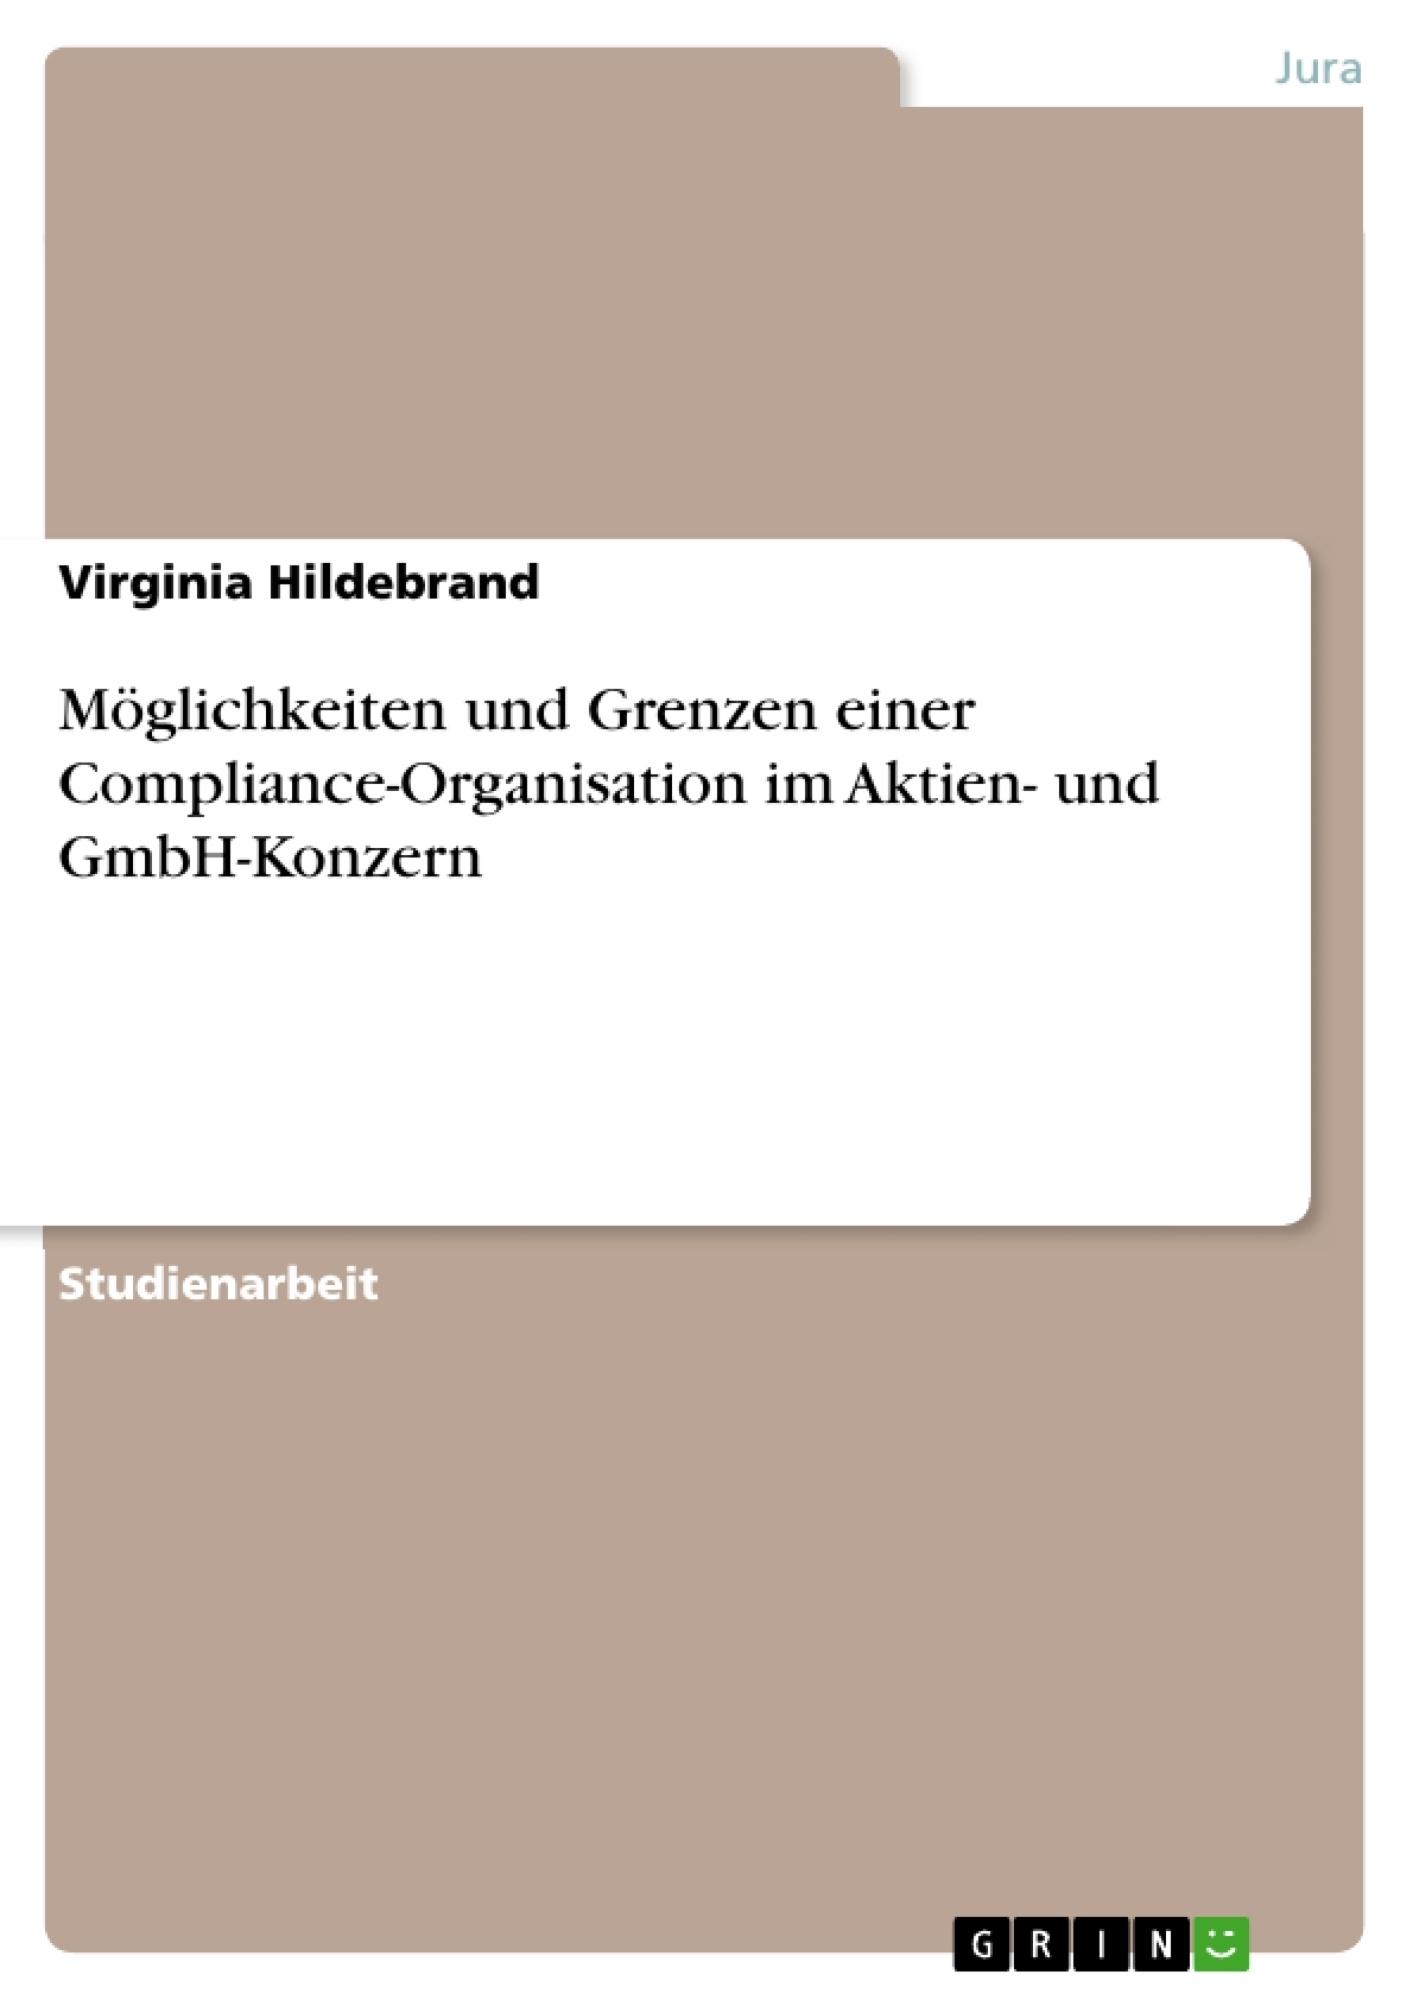 Titel: Möglichkeiten und Grenzen einer Compliance-Organisation im Aktien- und GmbH-Konzern